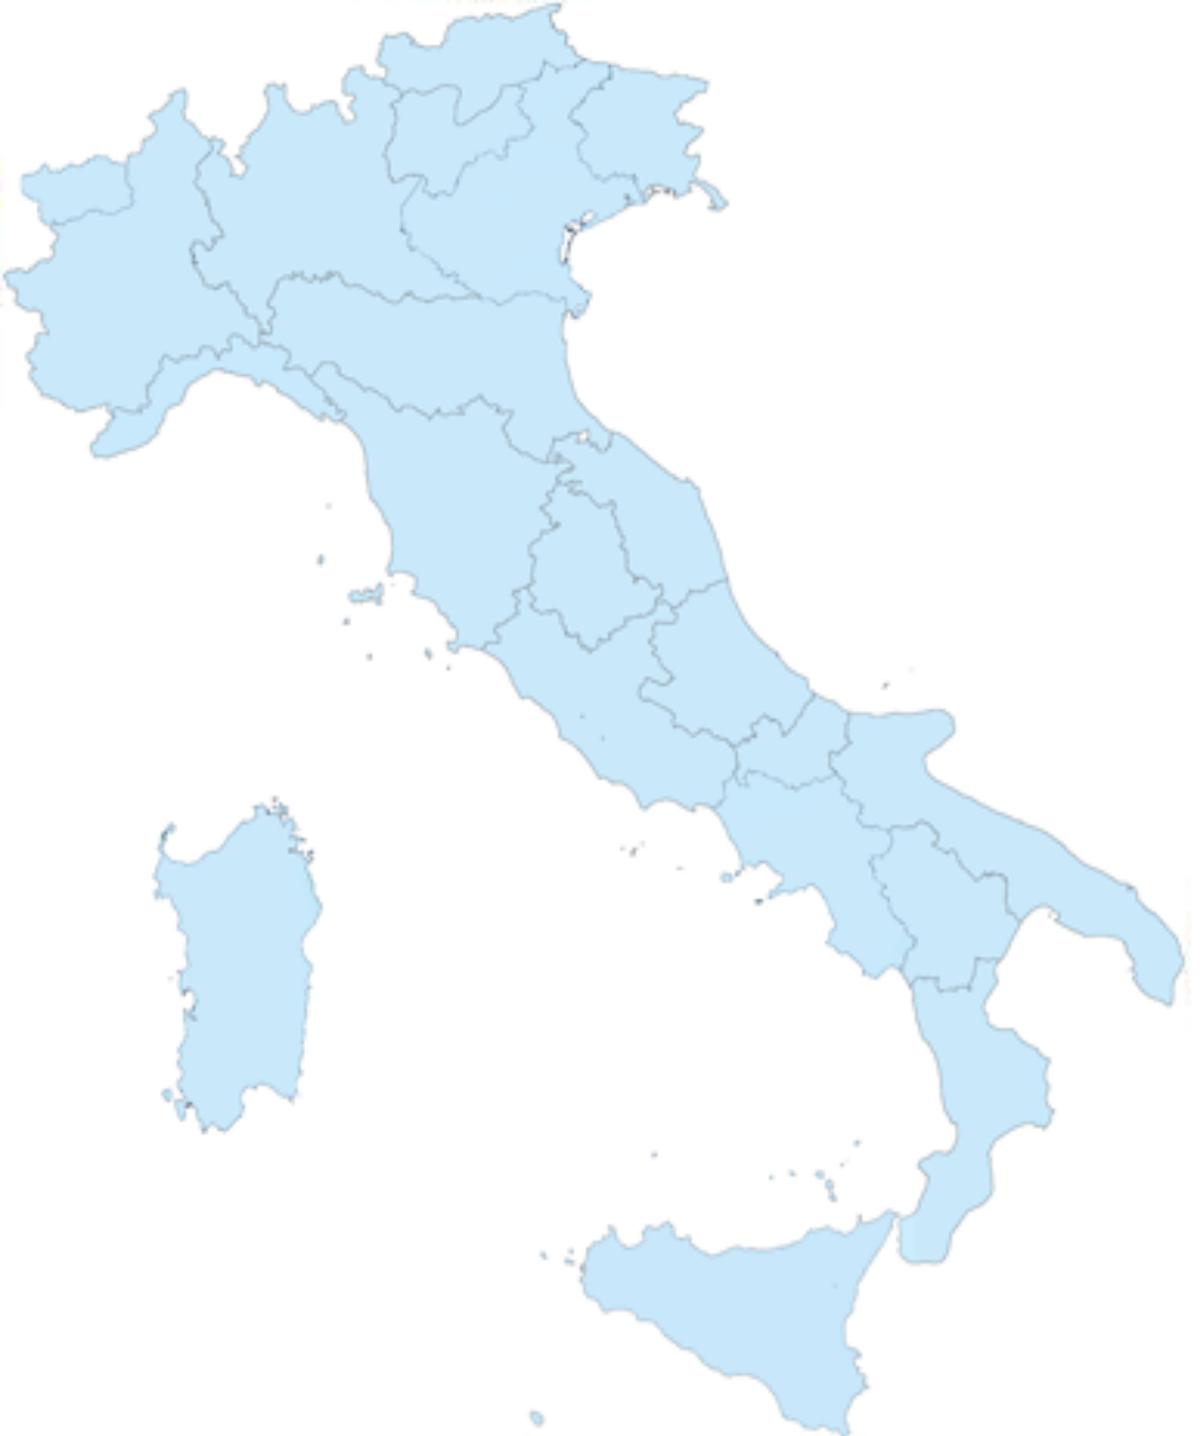 Corecom - Assemblea legislativa Regione Emilia-Romagna